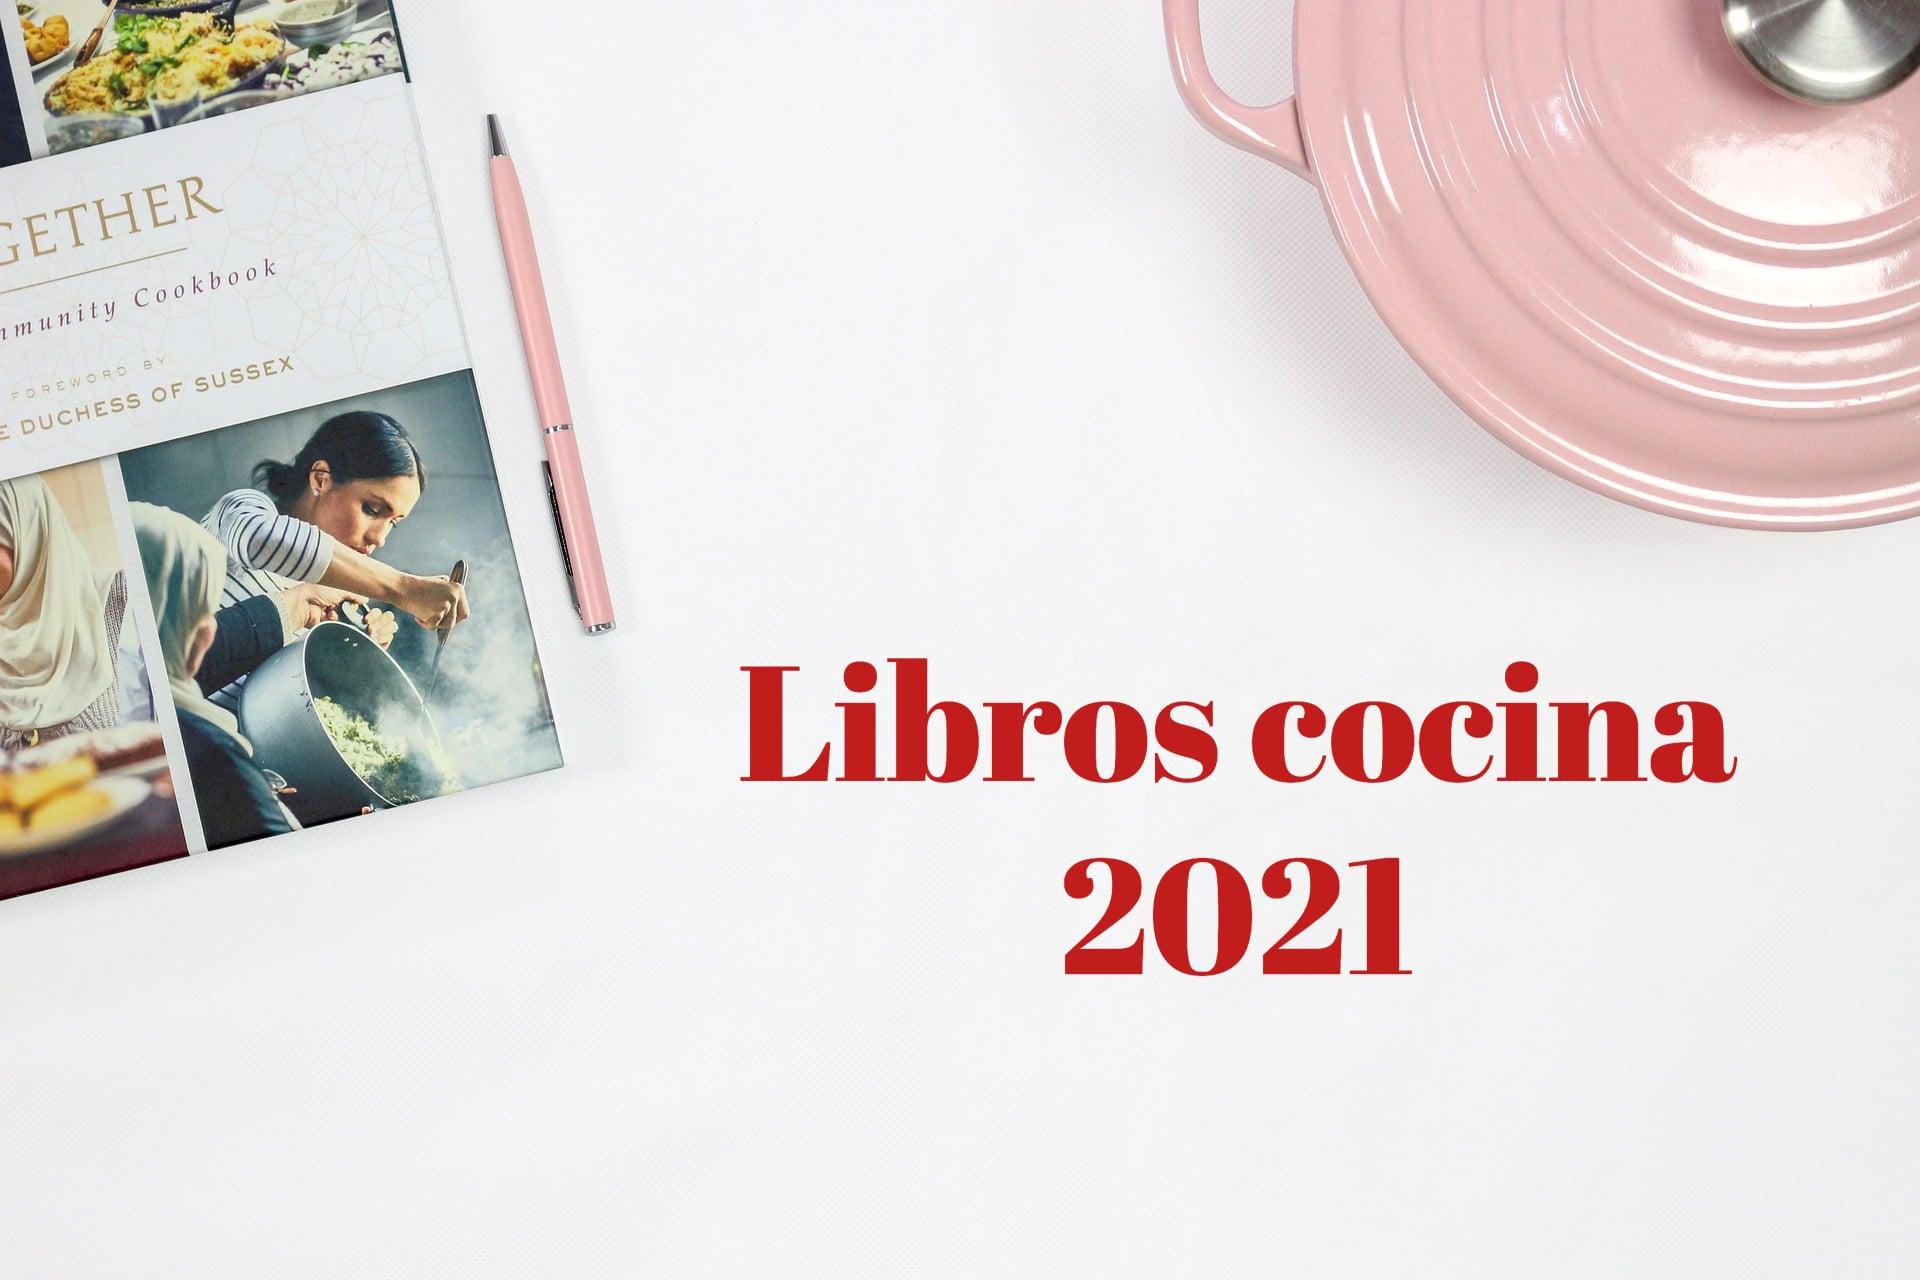 libros-cocina-2021